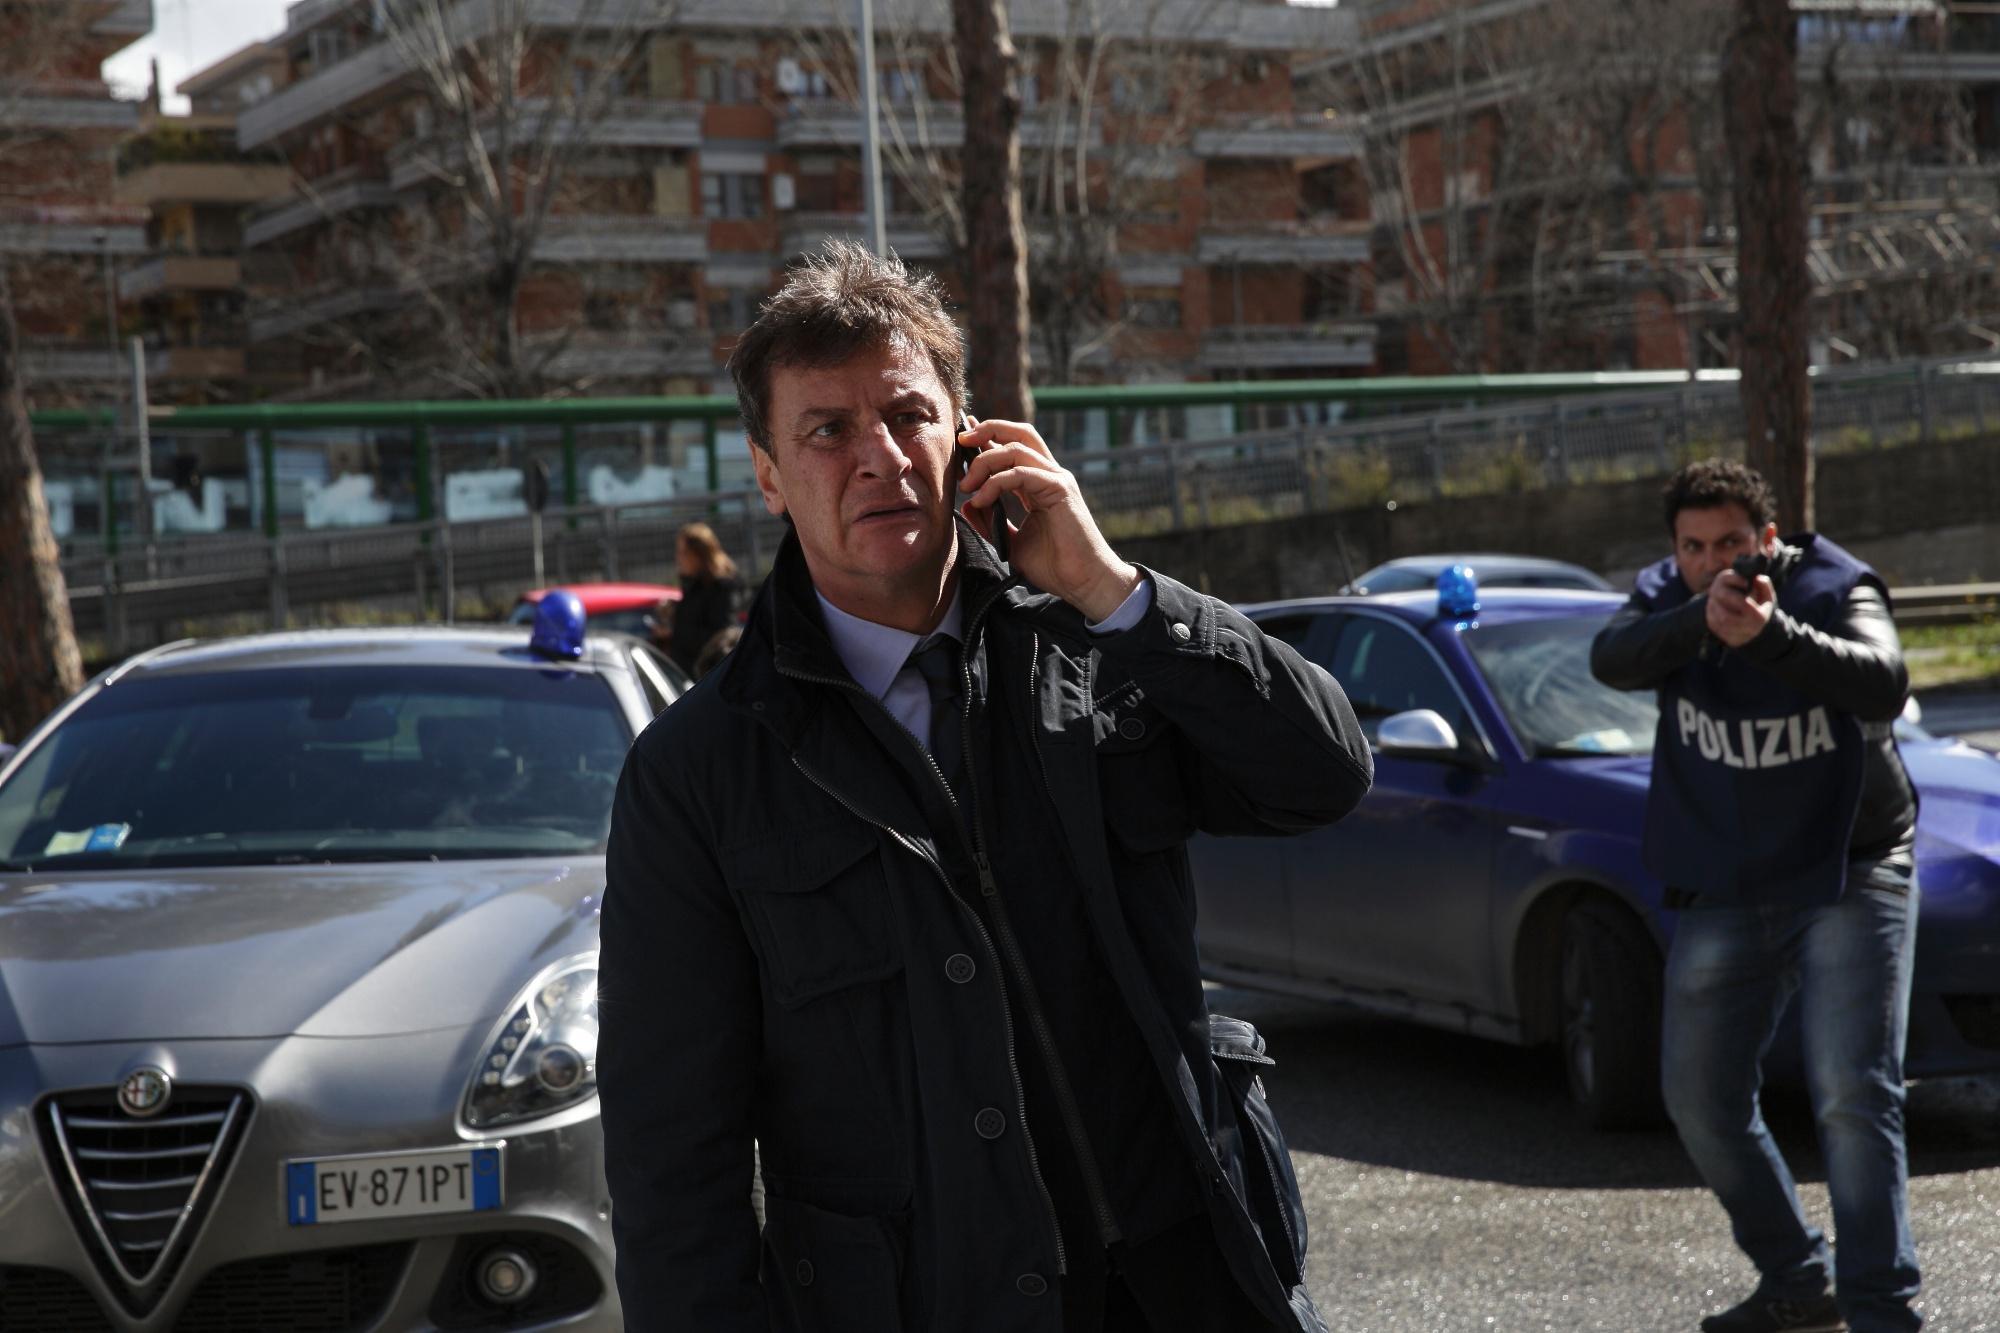 Squadra mobile - Operazione mafia capitale , le immagini dal set